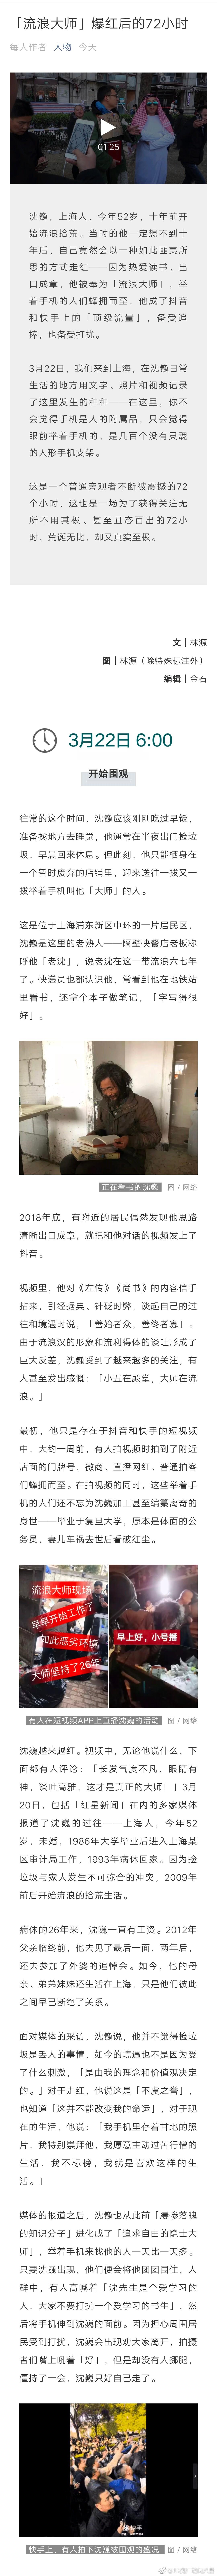 """""""流浪大师""""沈巍爆红后的72小时"""